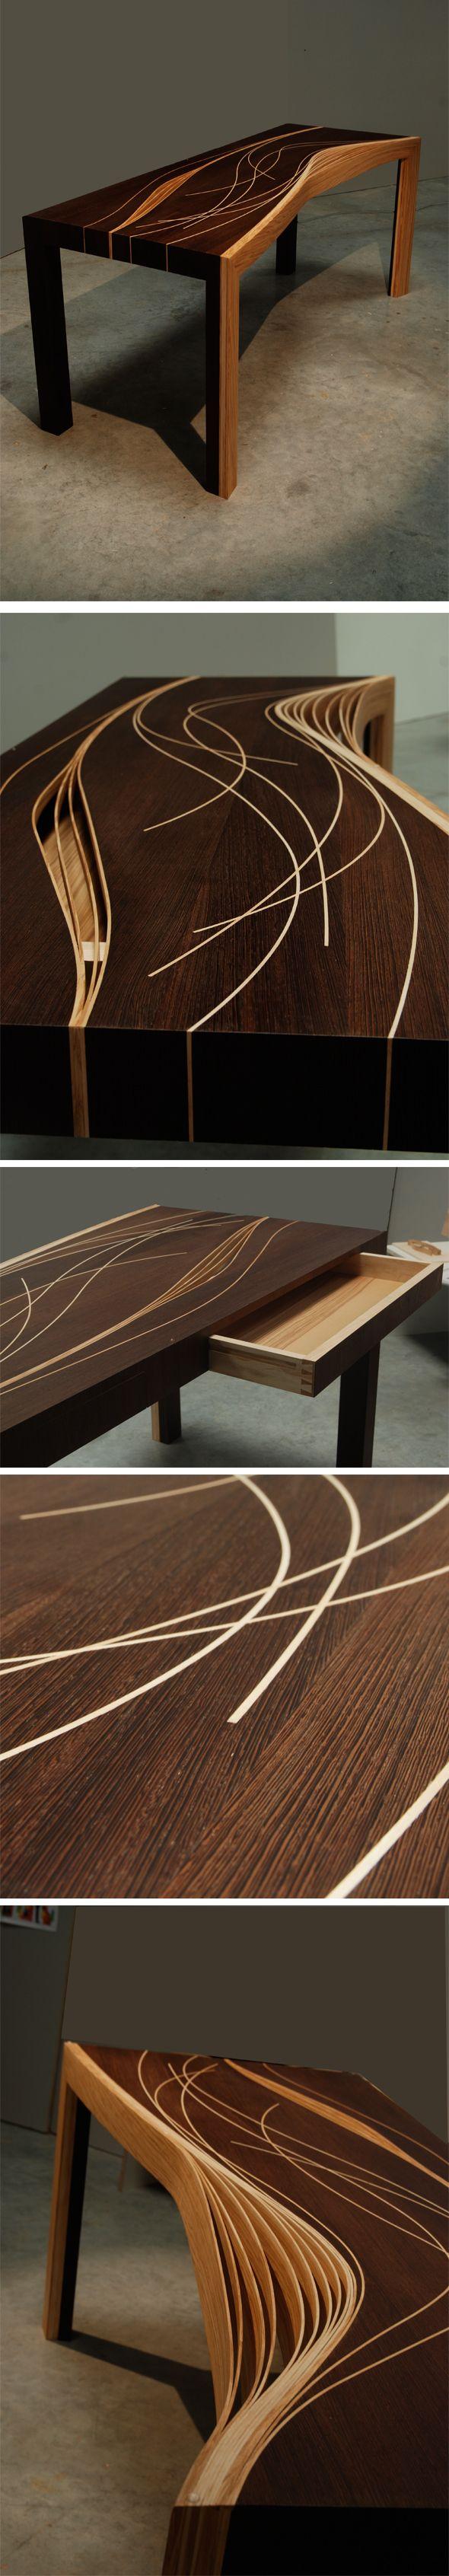 Bureau en bois de frêne réalisé par Aurélien Fraisse pour son diplôme de fin d'études. Il a découpé un plateau de frêne en fines lamelles, puis les a courbées pour donner la structure du plateau et du piétement. Il est constitué de deux tiroirs et d'un plateau en verre.